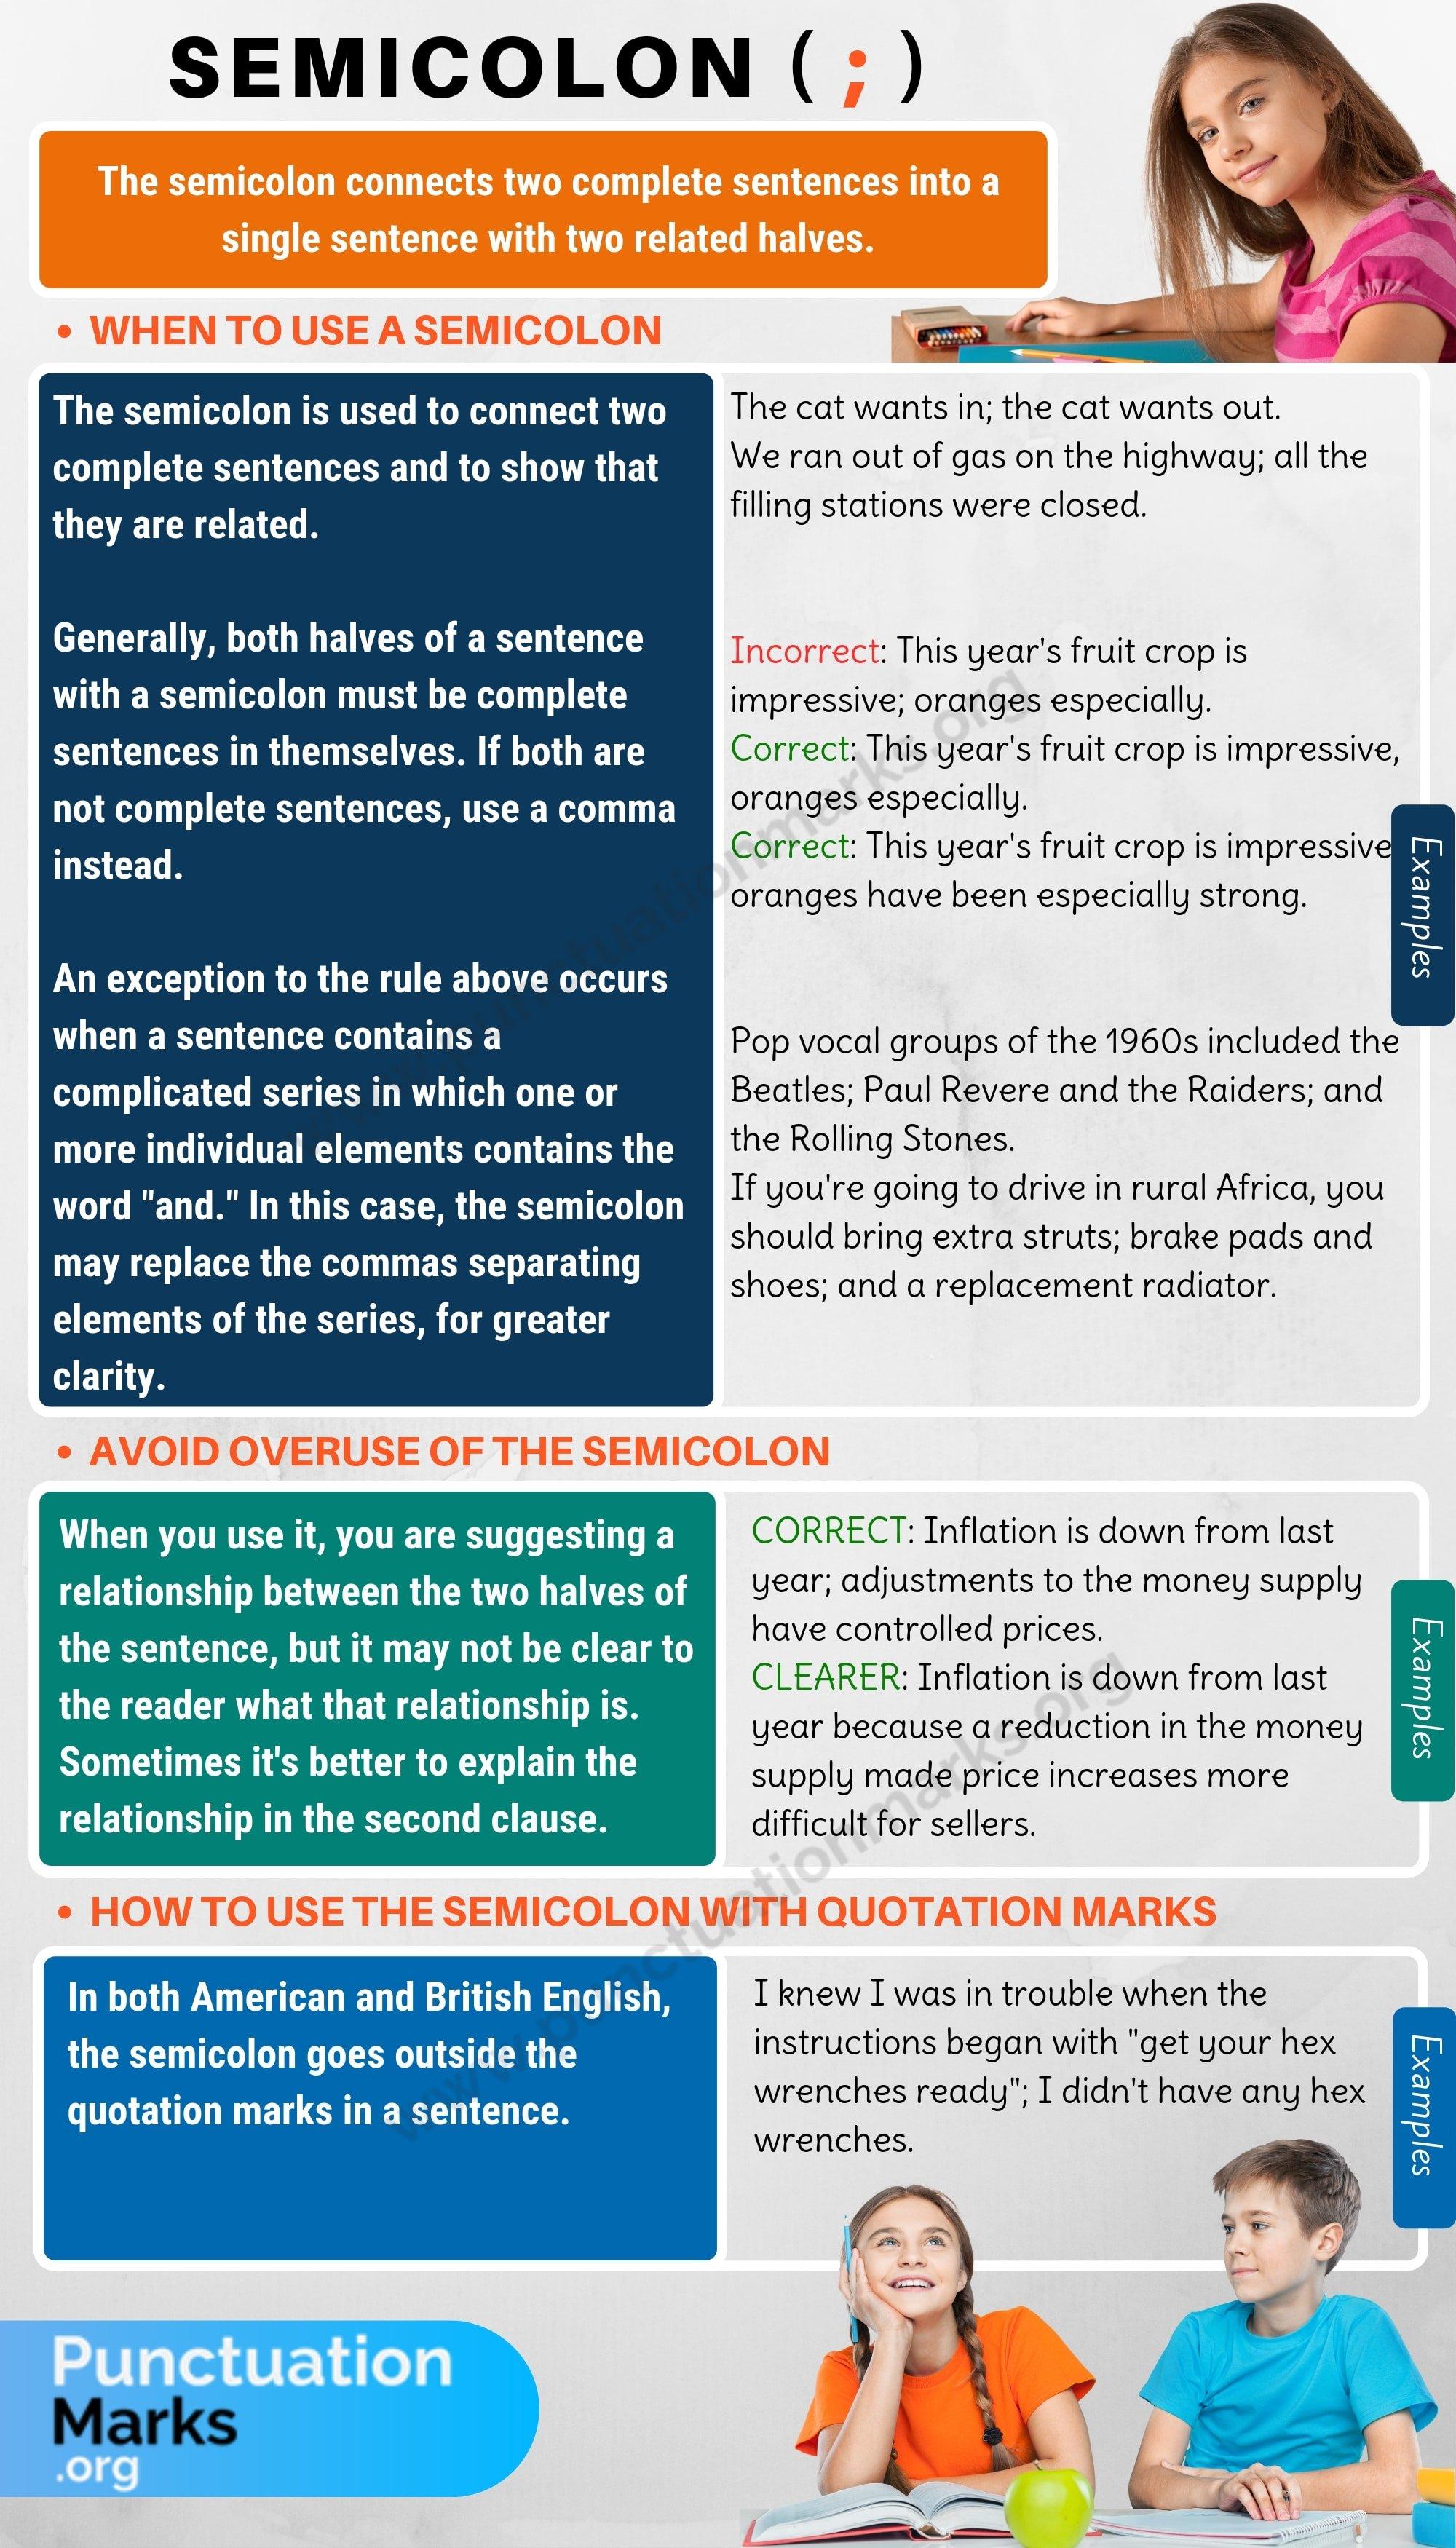 Semicolon (;) When to Use a Semicolon in English